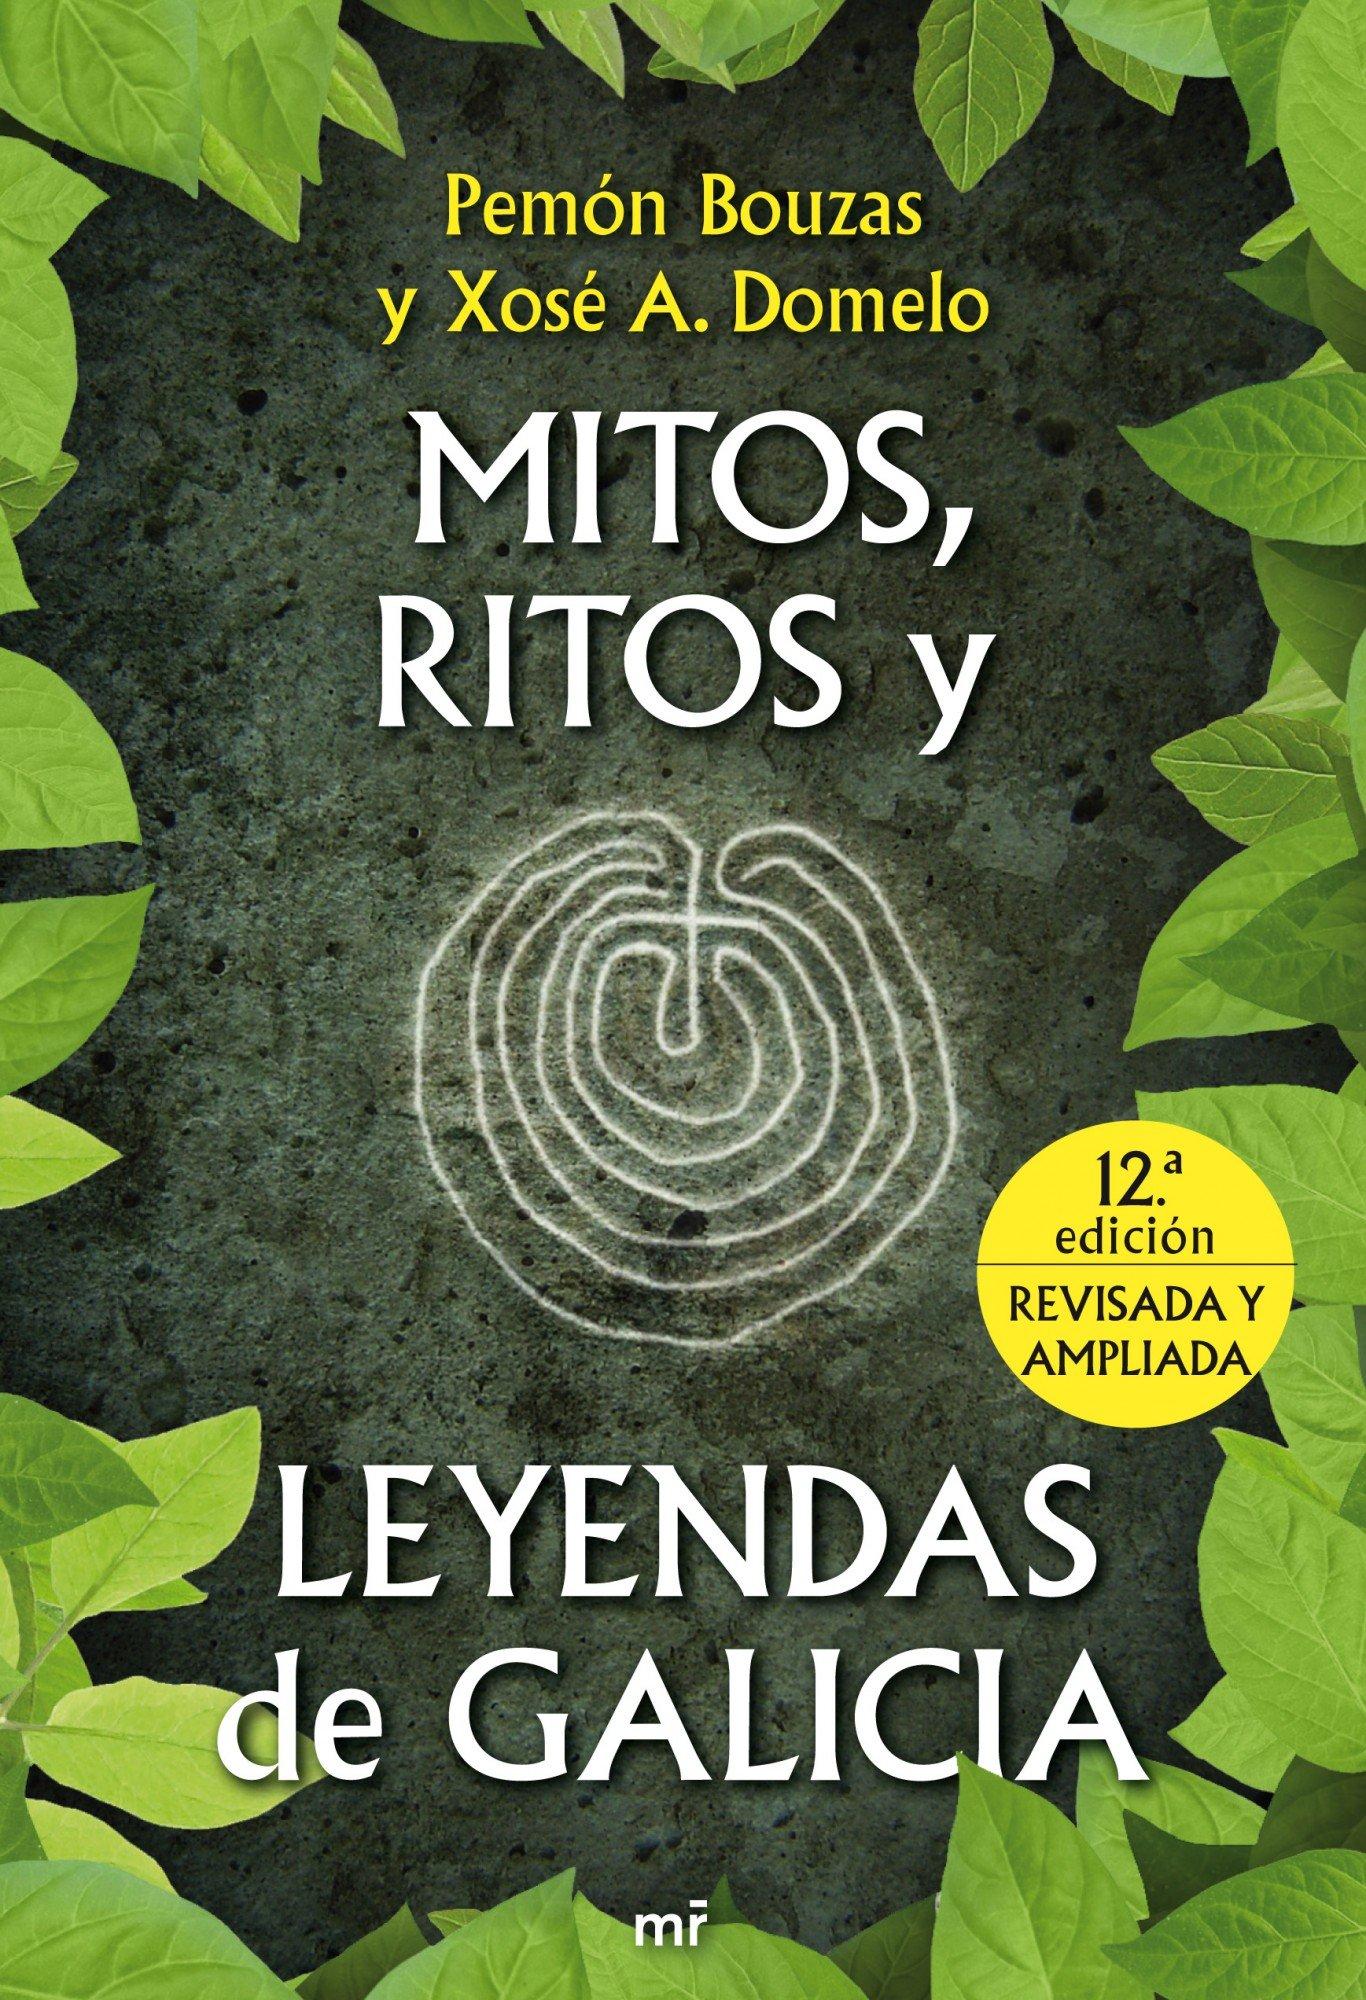 Mitos, ritos y leyendas de Galicia (MR Dimensiones): Amazon.es: Bouzas, Pemón, Domelo, Xose A.: Libros